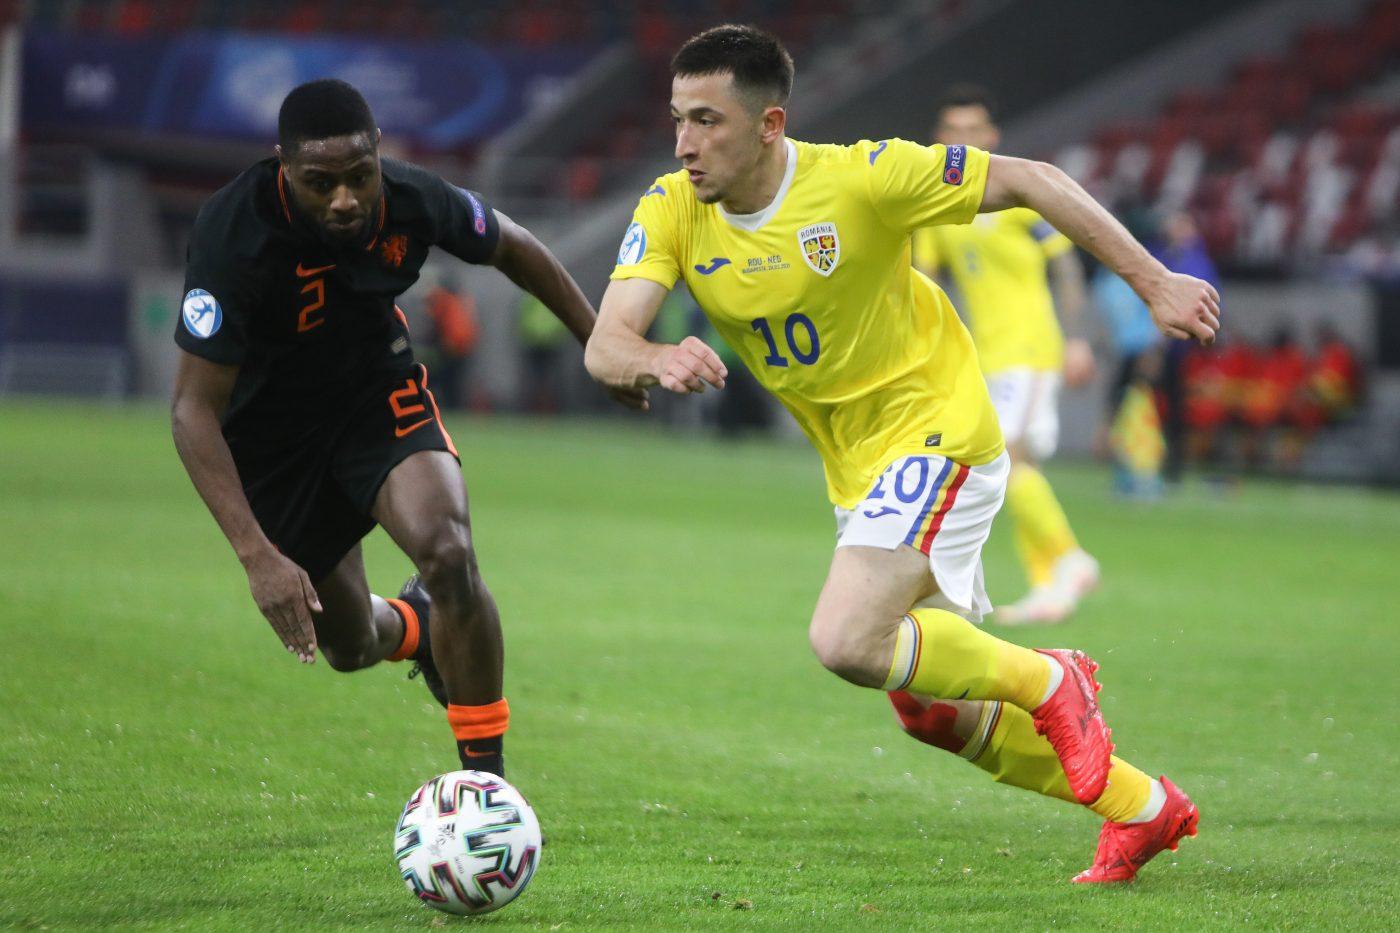 Meciul de fotbal dintre Romania U21 si Olanda U21 din prima etapa, grupa A a Campionatului European 2021, disputat pe arena Bozsik din Budapesta, Ungaria, miercuri, 24 martie 2021. CIPRIAN PETCUT / MEDIAFAX FOTO